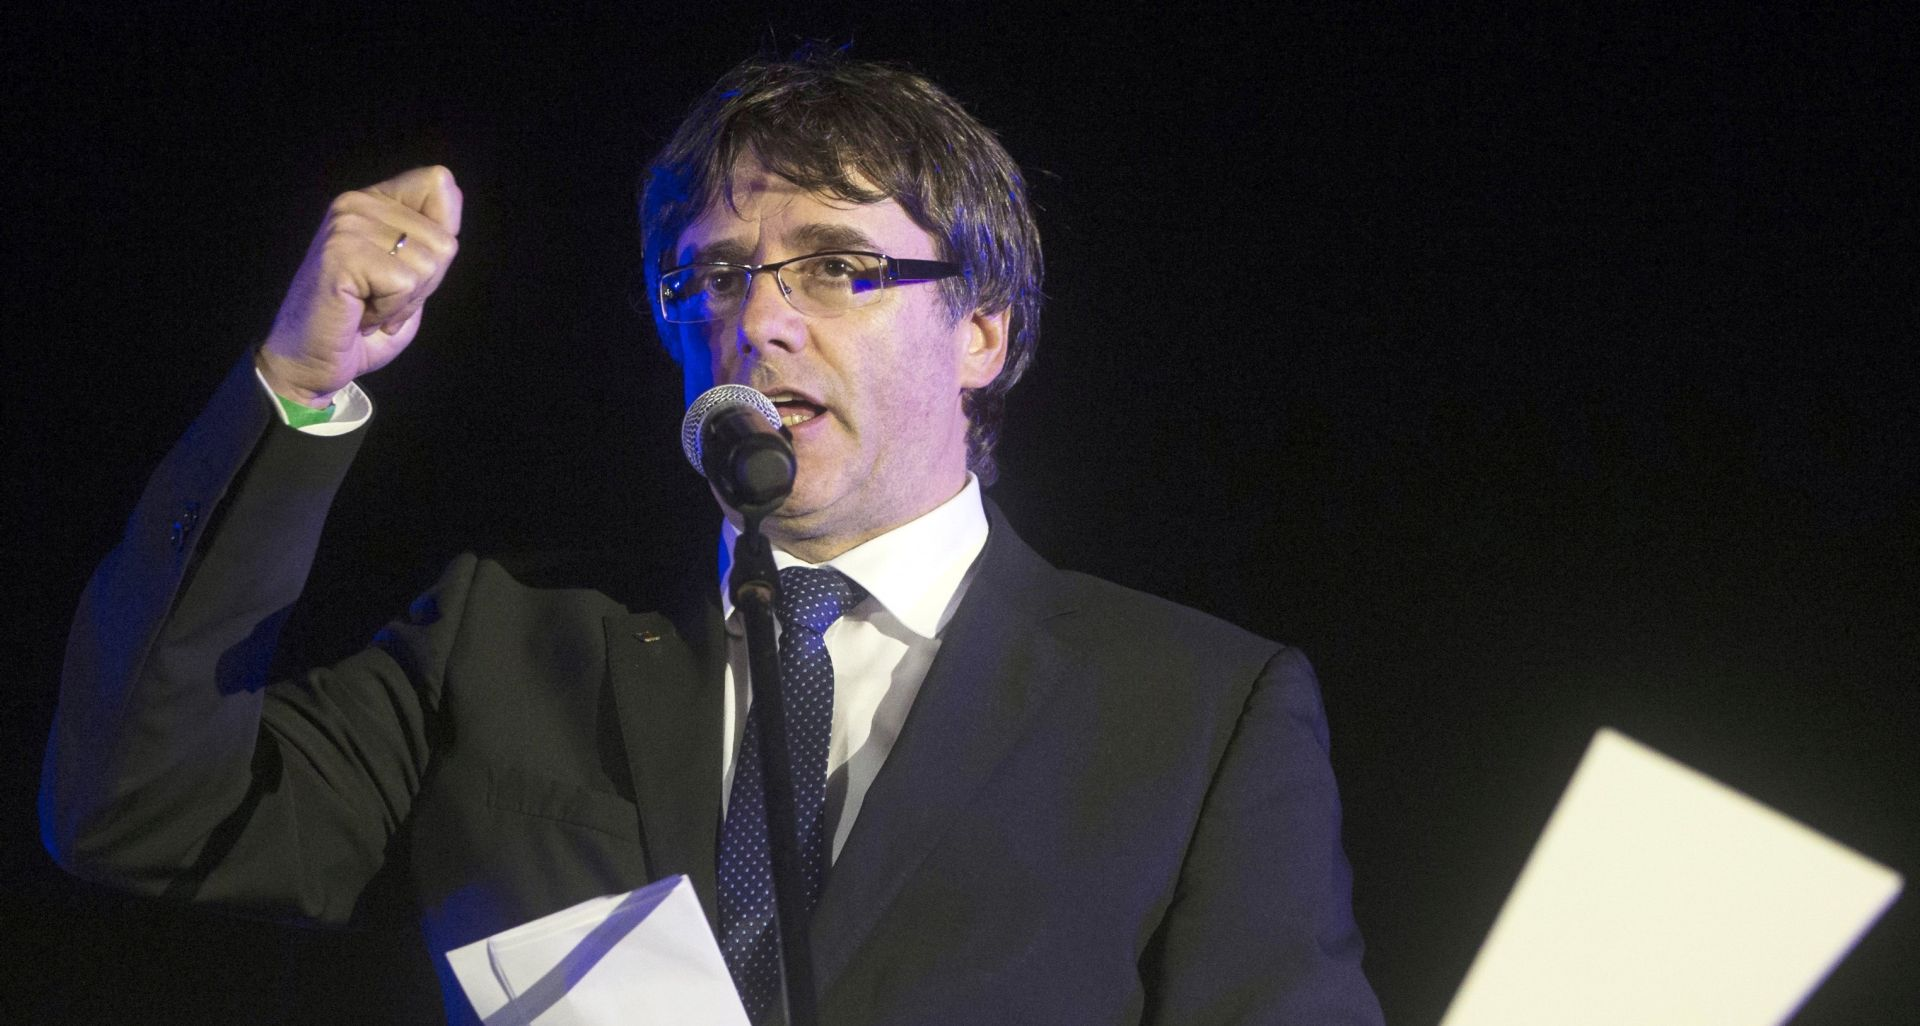 Puigdemont prozvao EU i osudio 'državni udar' u Kataloniji